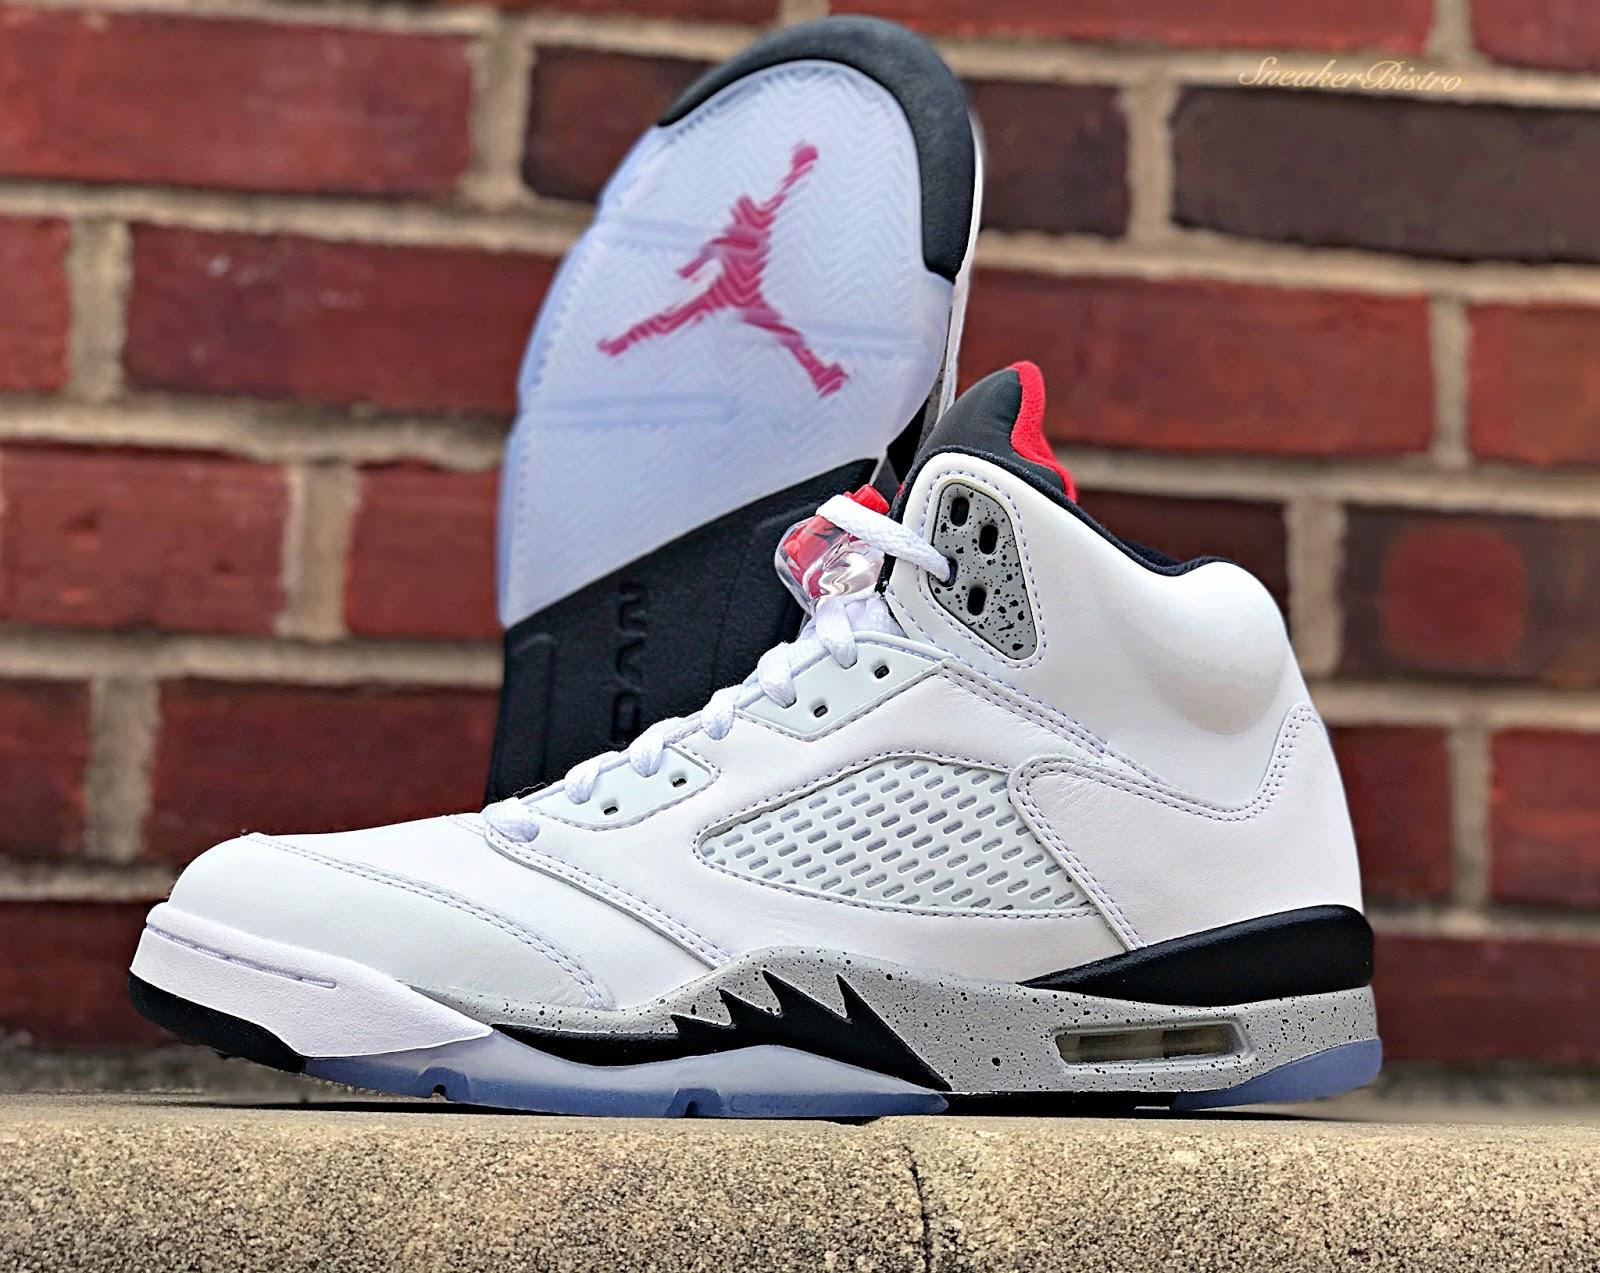 adc7718a397 Air Jordan Retro 5 White